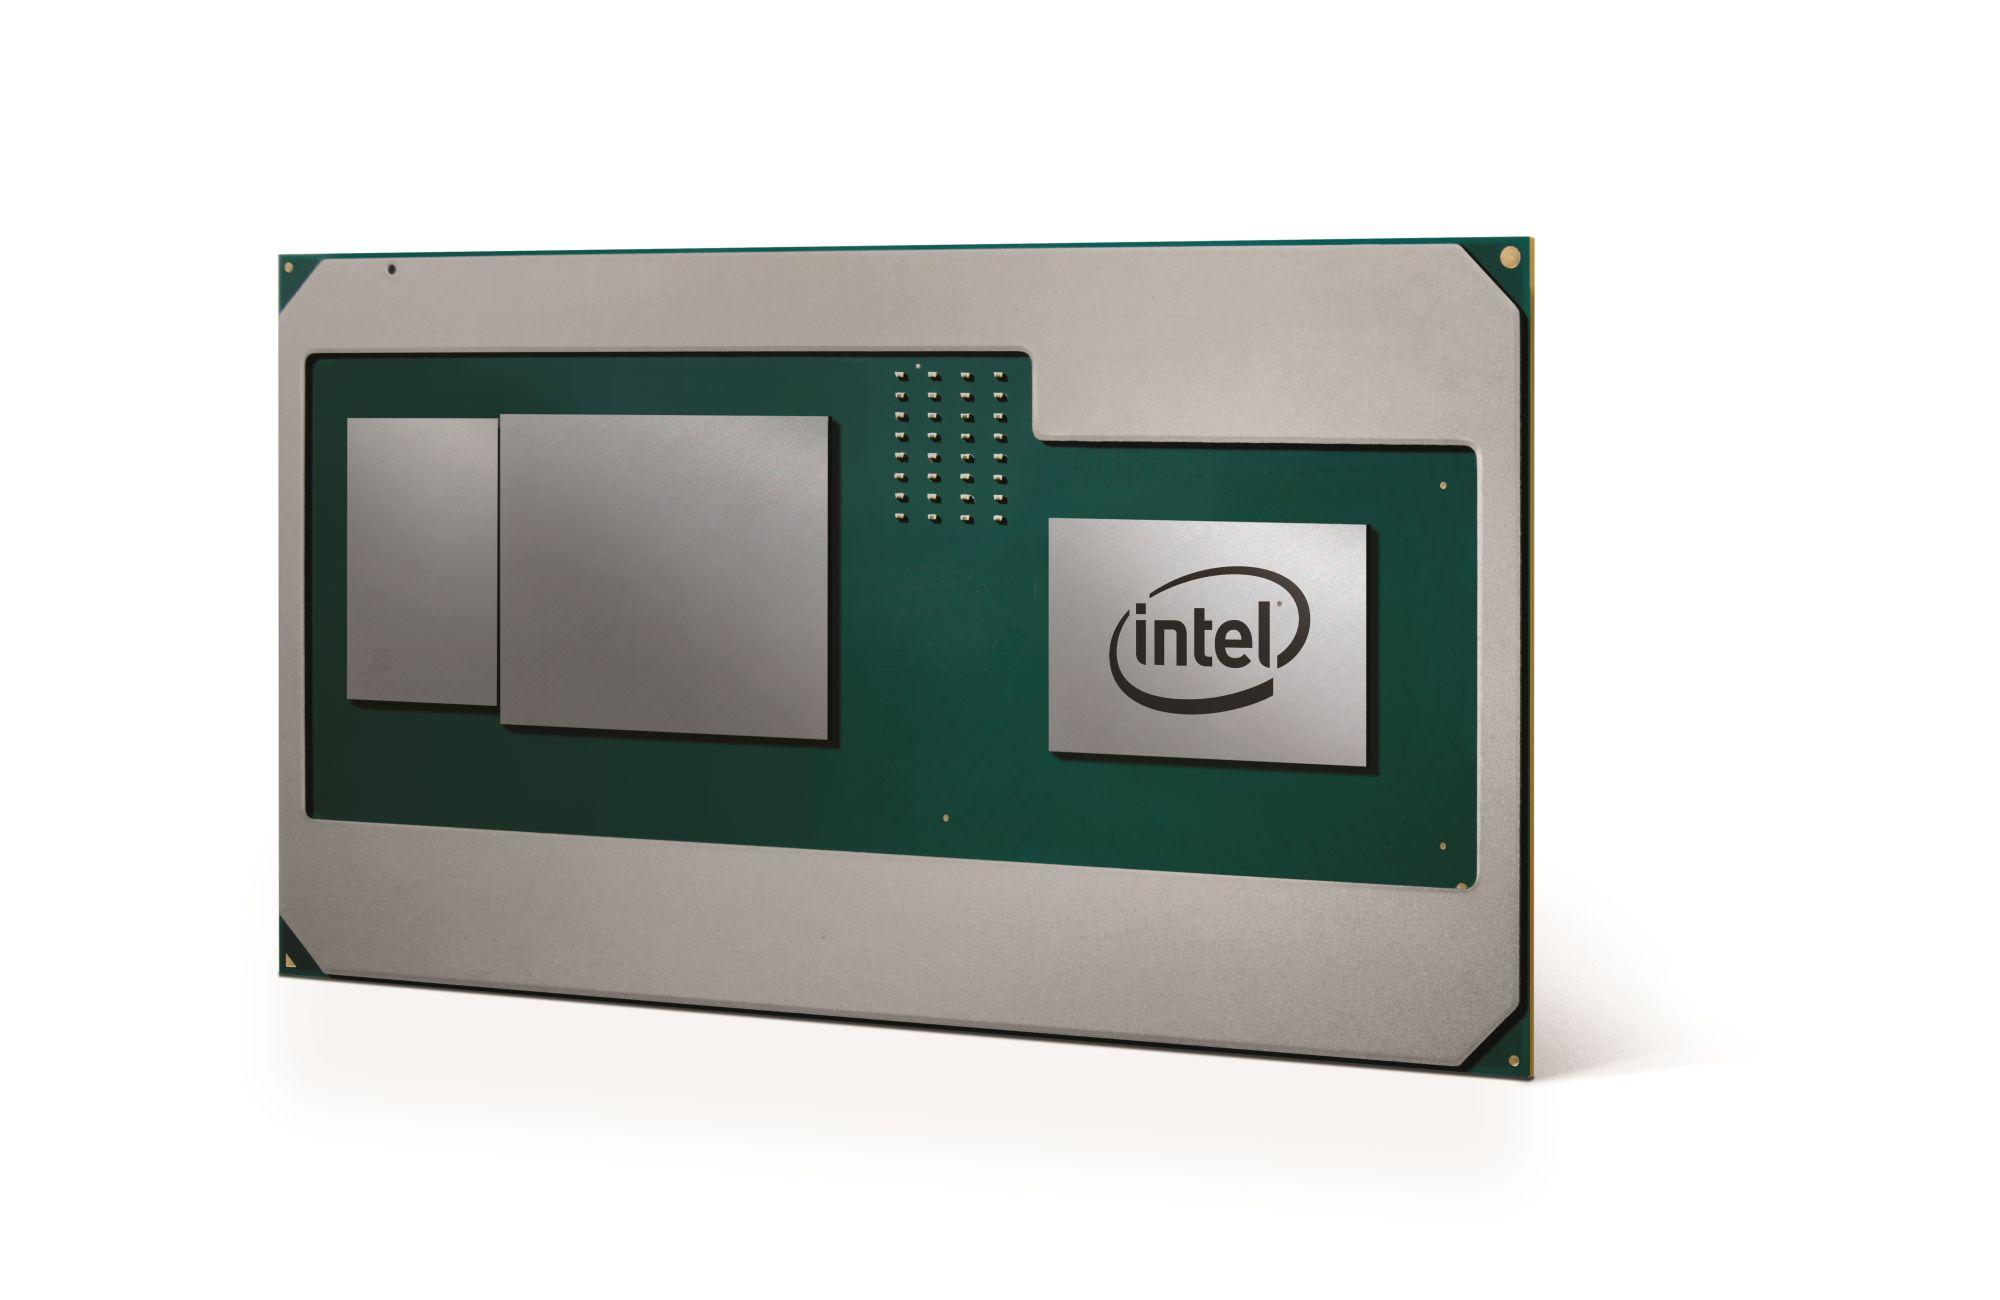 Intel иAMD выпустят новый процессор для ноутбуков